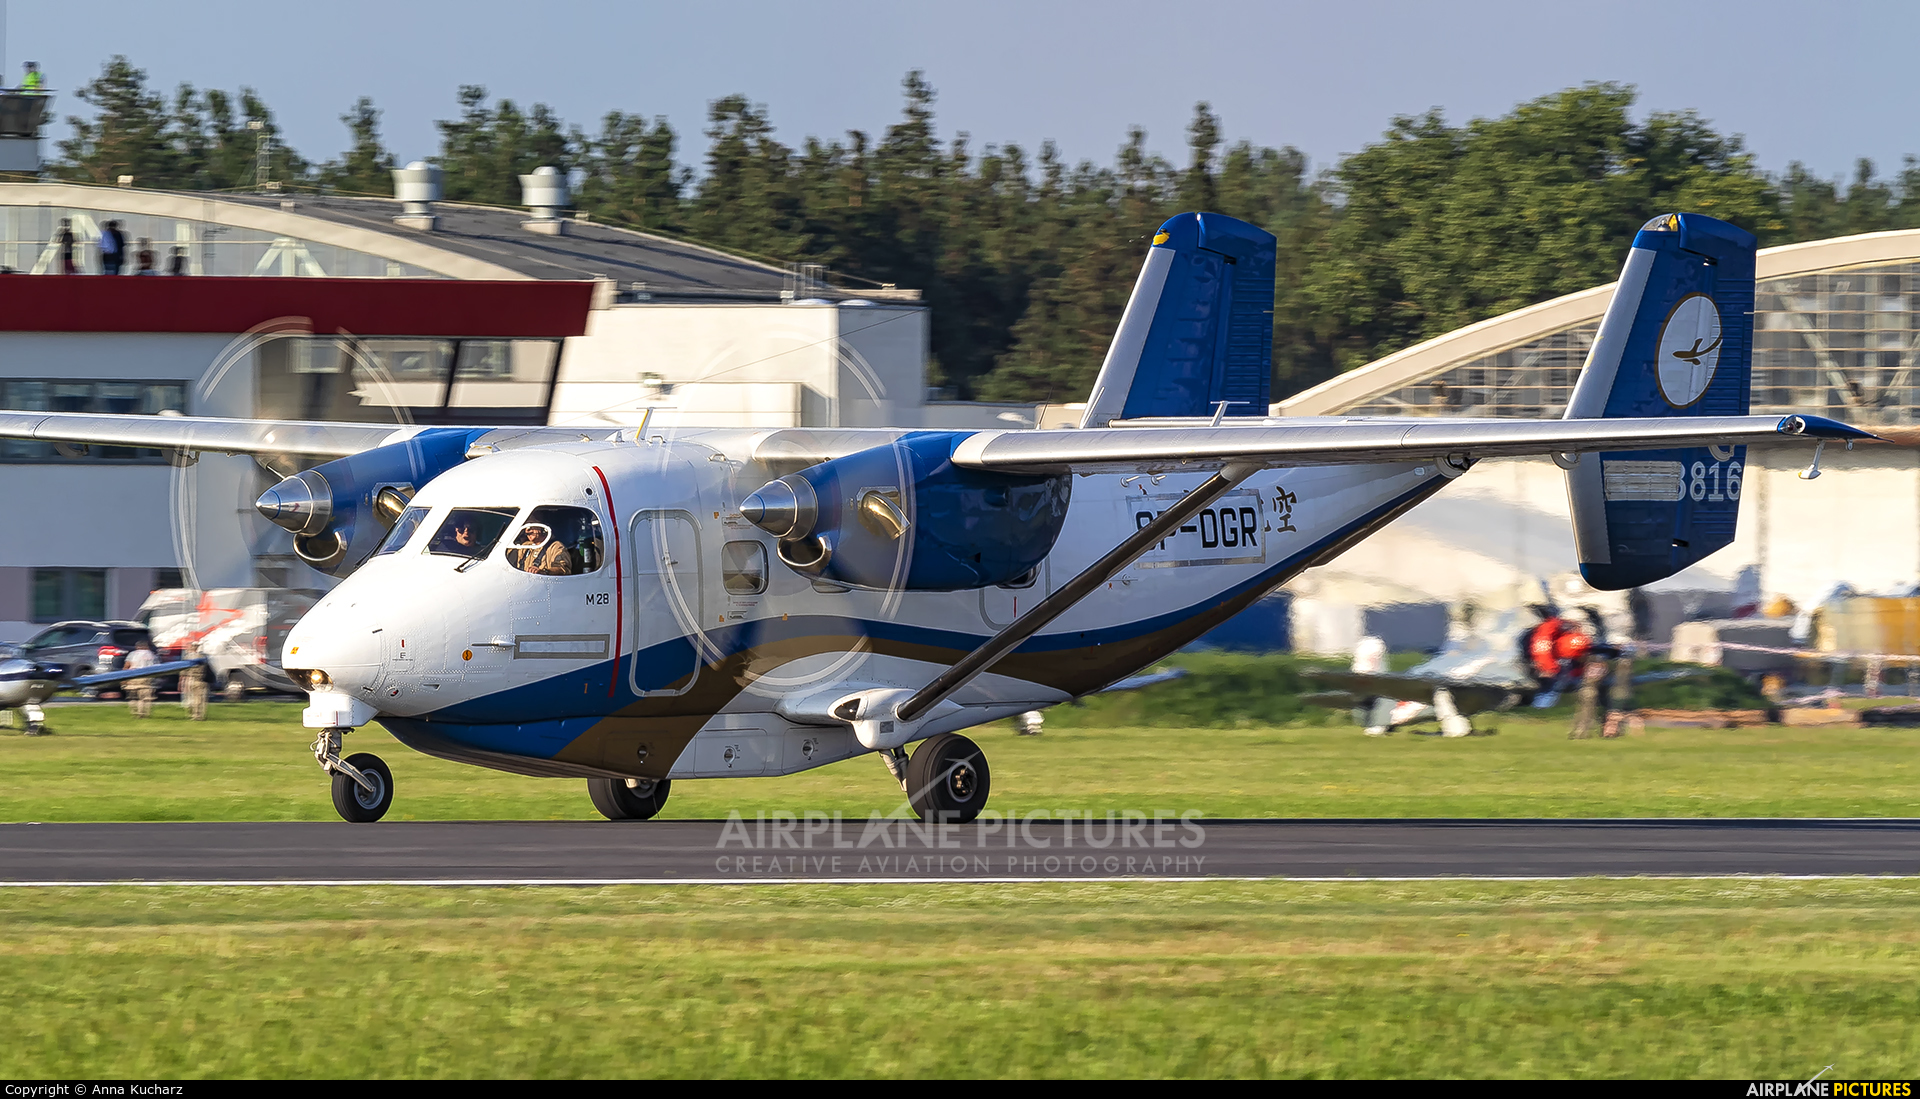 PZL Mielec SP-DGR aircraft at Mielec